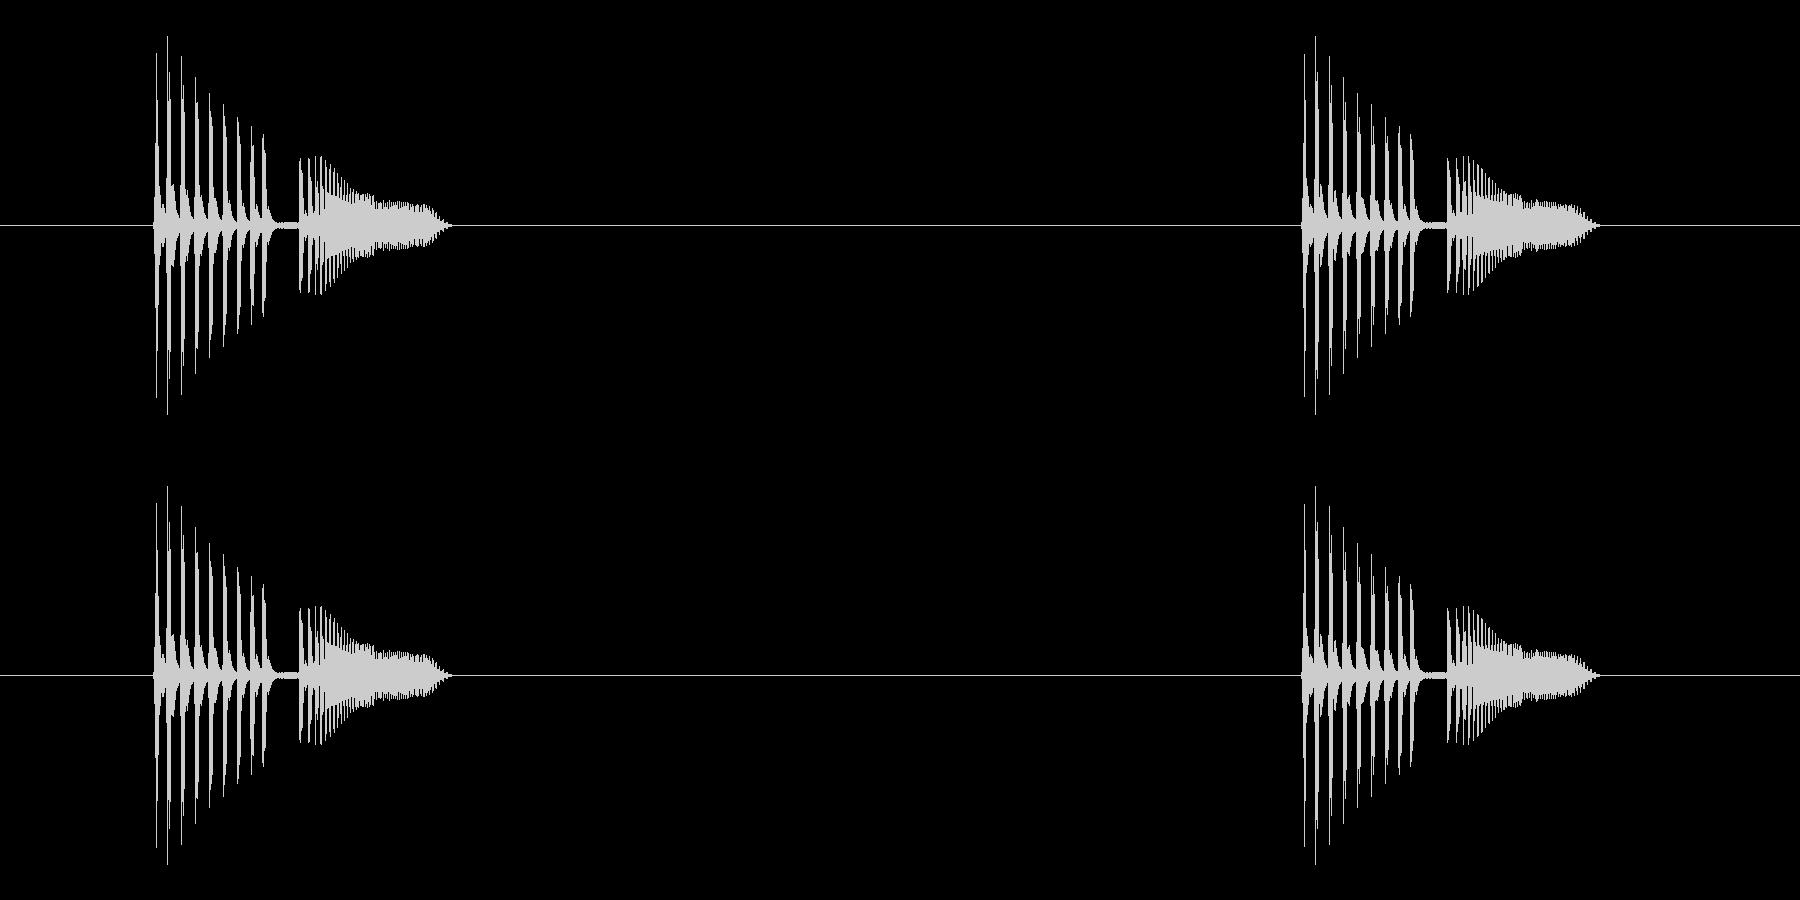 「ピヨピヨ (電子音)」の未再生の波形